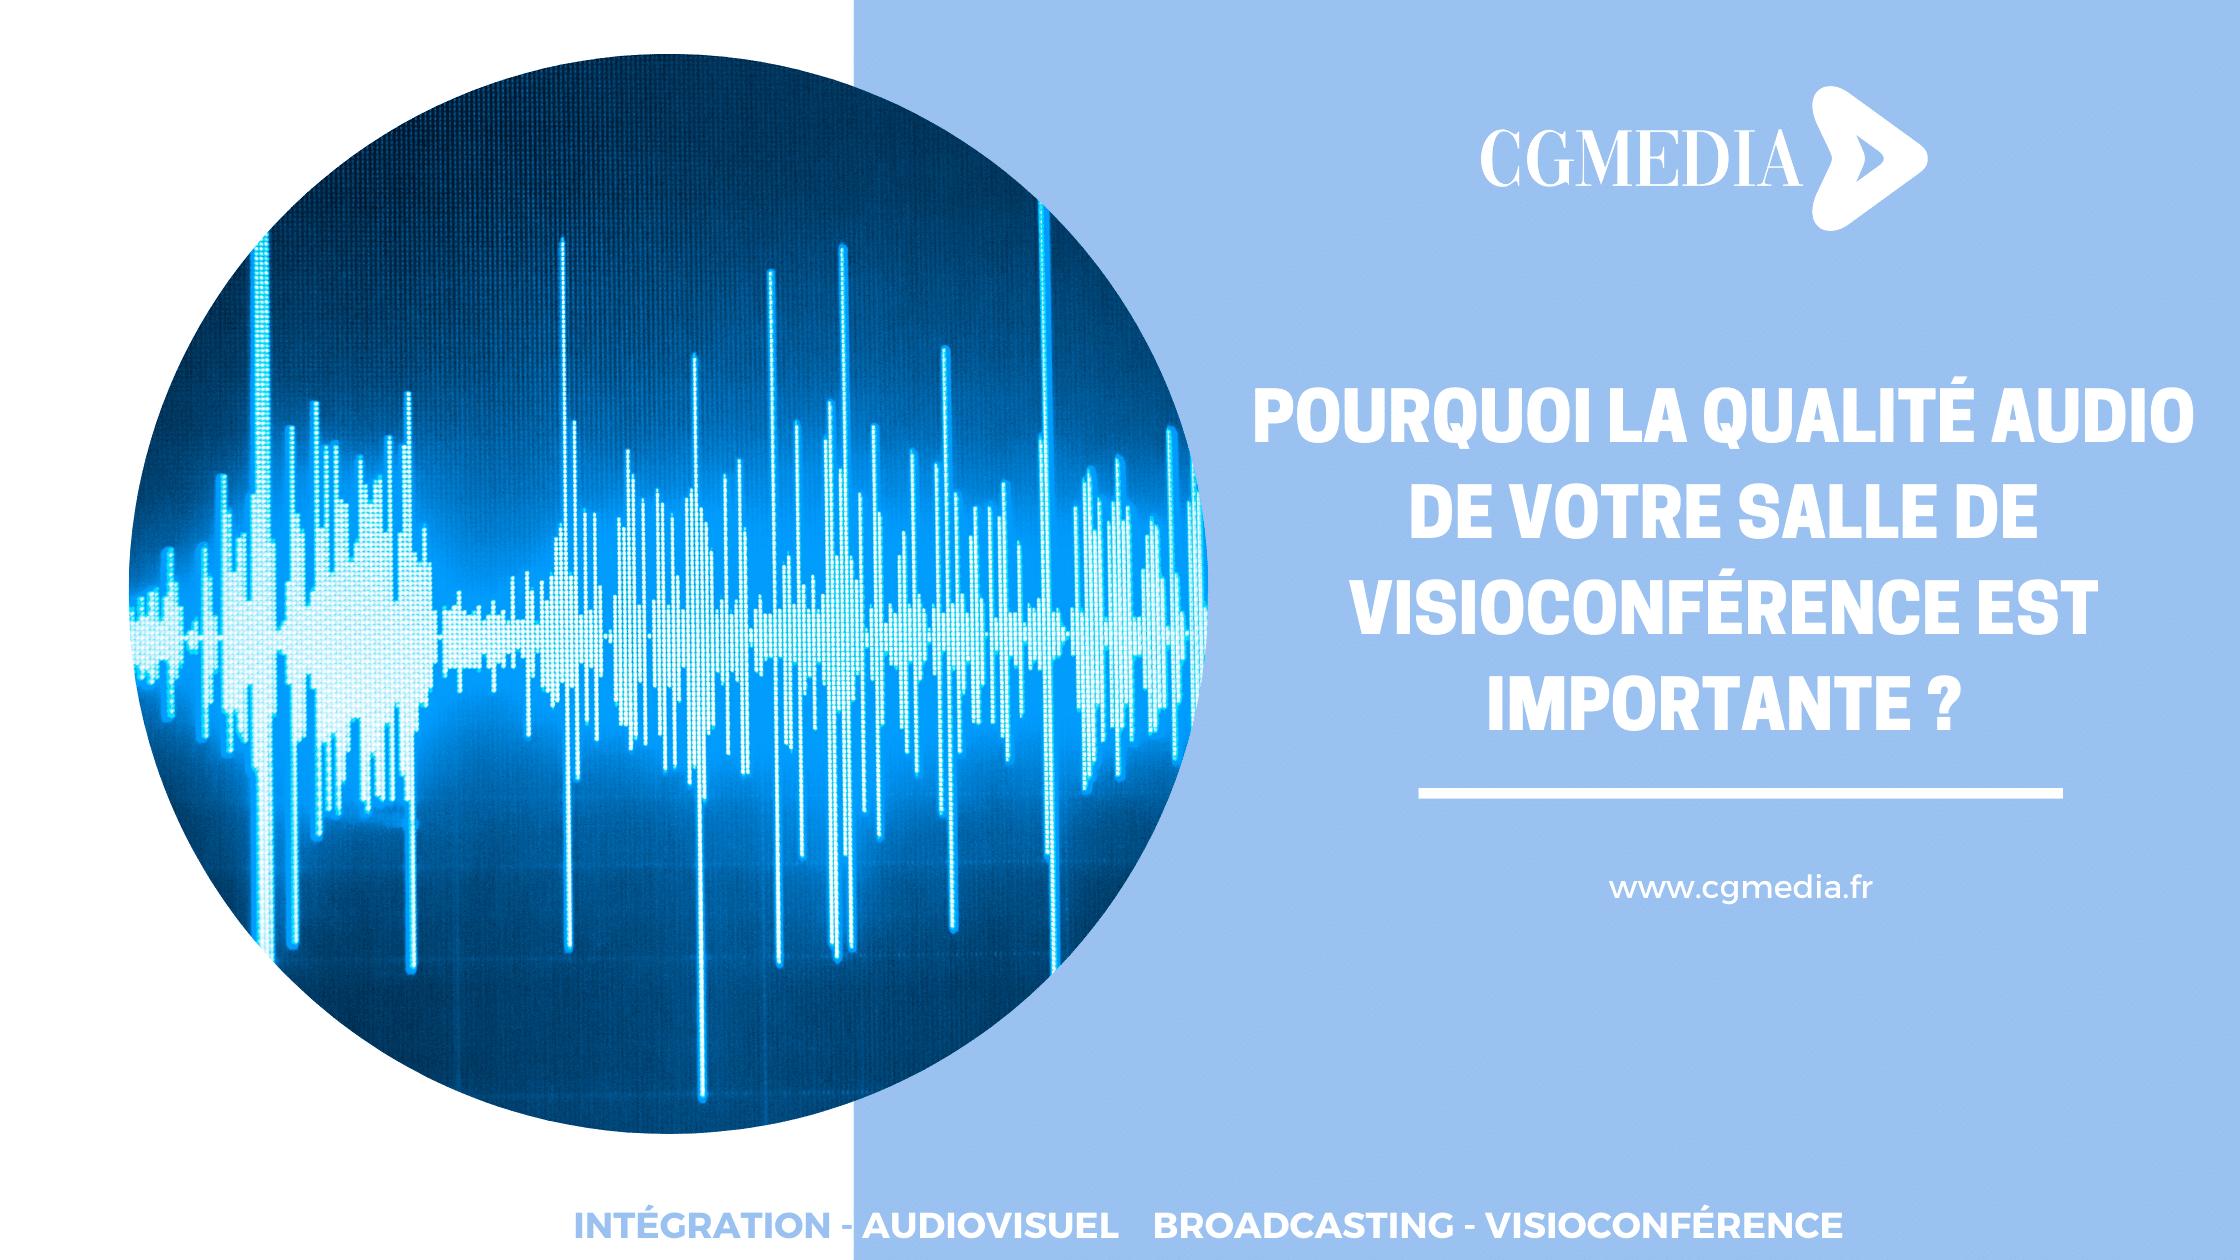 Pourquoi la qualité audio de votre salle de visioconférence est importante ?